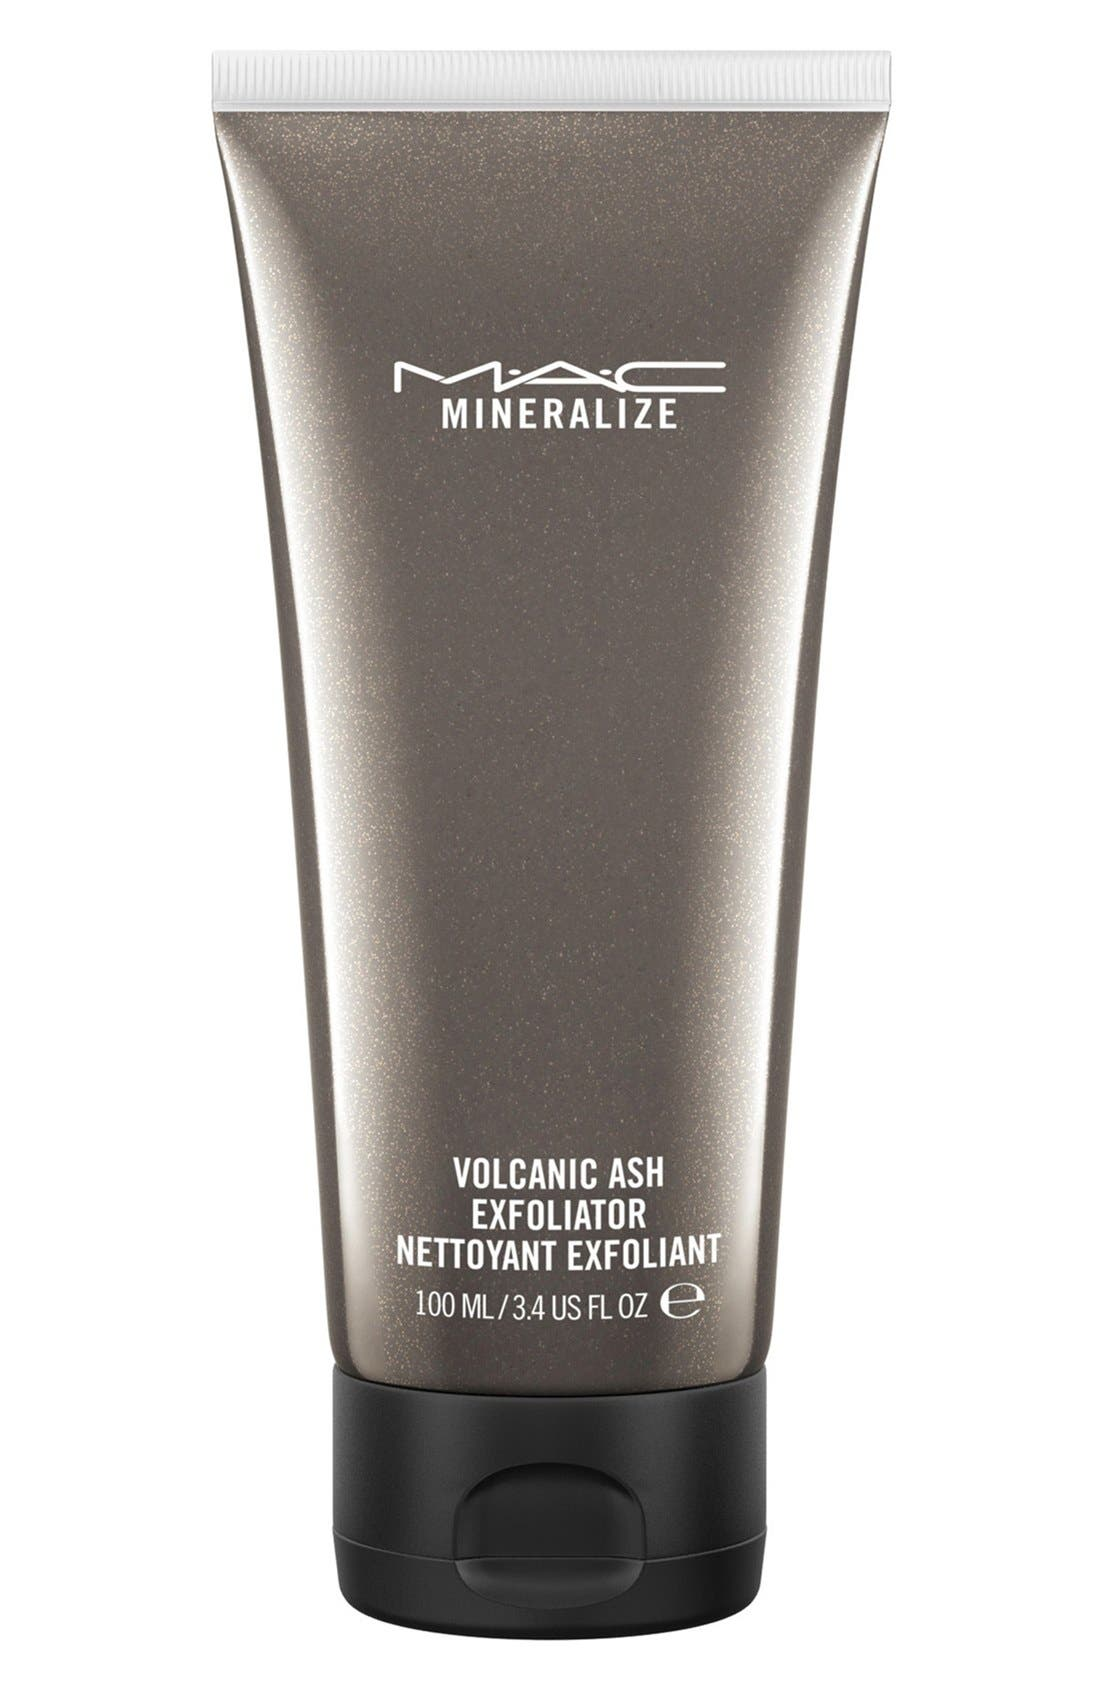 MAC Mineralize Volcanic Ash Exfoliator